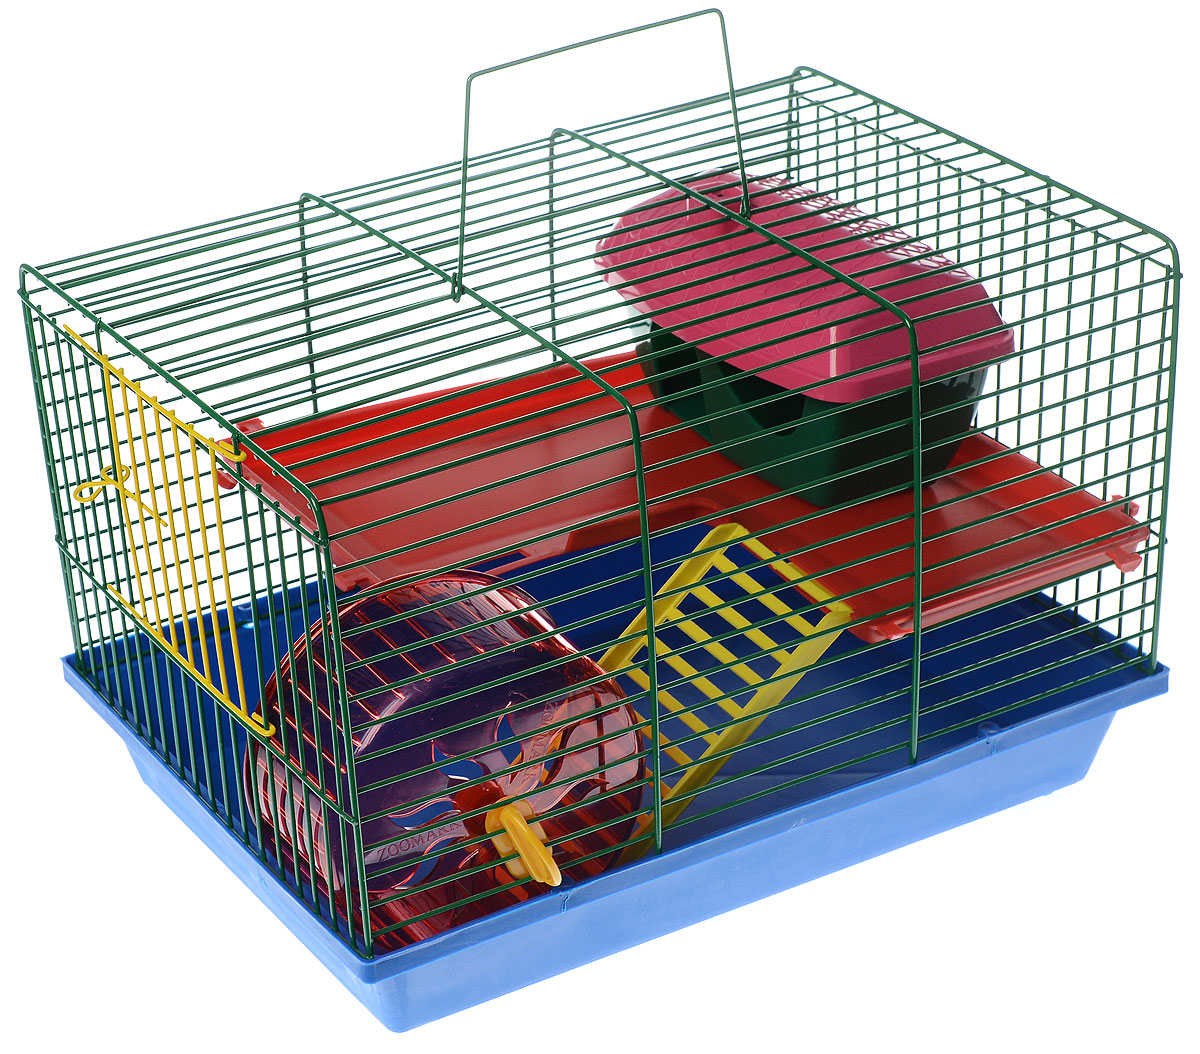 Клетка для грызунов ЗооМарк, 2-этажная, цвет: синий поддон, зеленая решетка, красный этаж, 36 х 23 х 24 см125_поддон синий, зеленыйКлетка ЗооМарк, выполненная из полипропилена и металла, подходит для мелких грызунов. Изделие двухэтажное, оборудовано колесом для подвижных игр и пластиковым домиком. Клетка имеет яркий поддон, удобна в использовании и легко чистится. Сверху имеется ручка для переноски. Такая клетка станет уединенным личным пространством и уютным домиком для маленького грызуна.